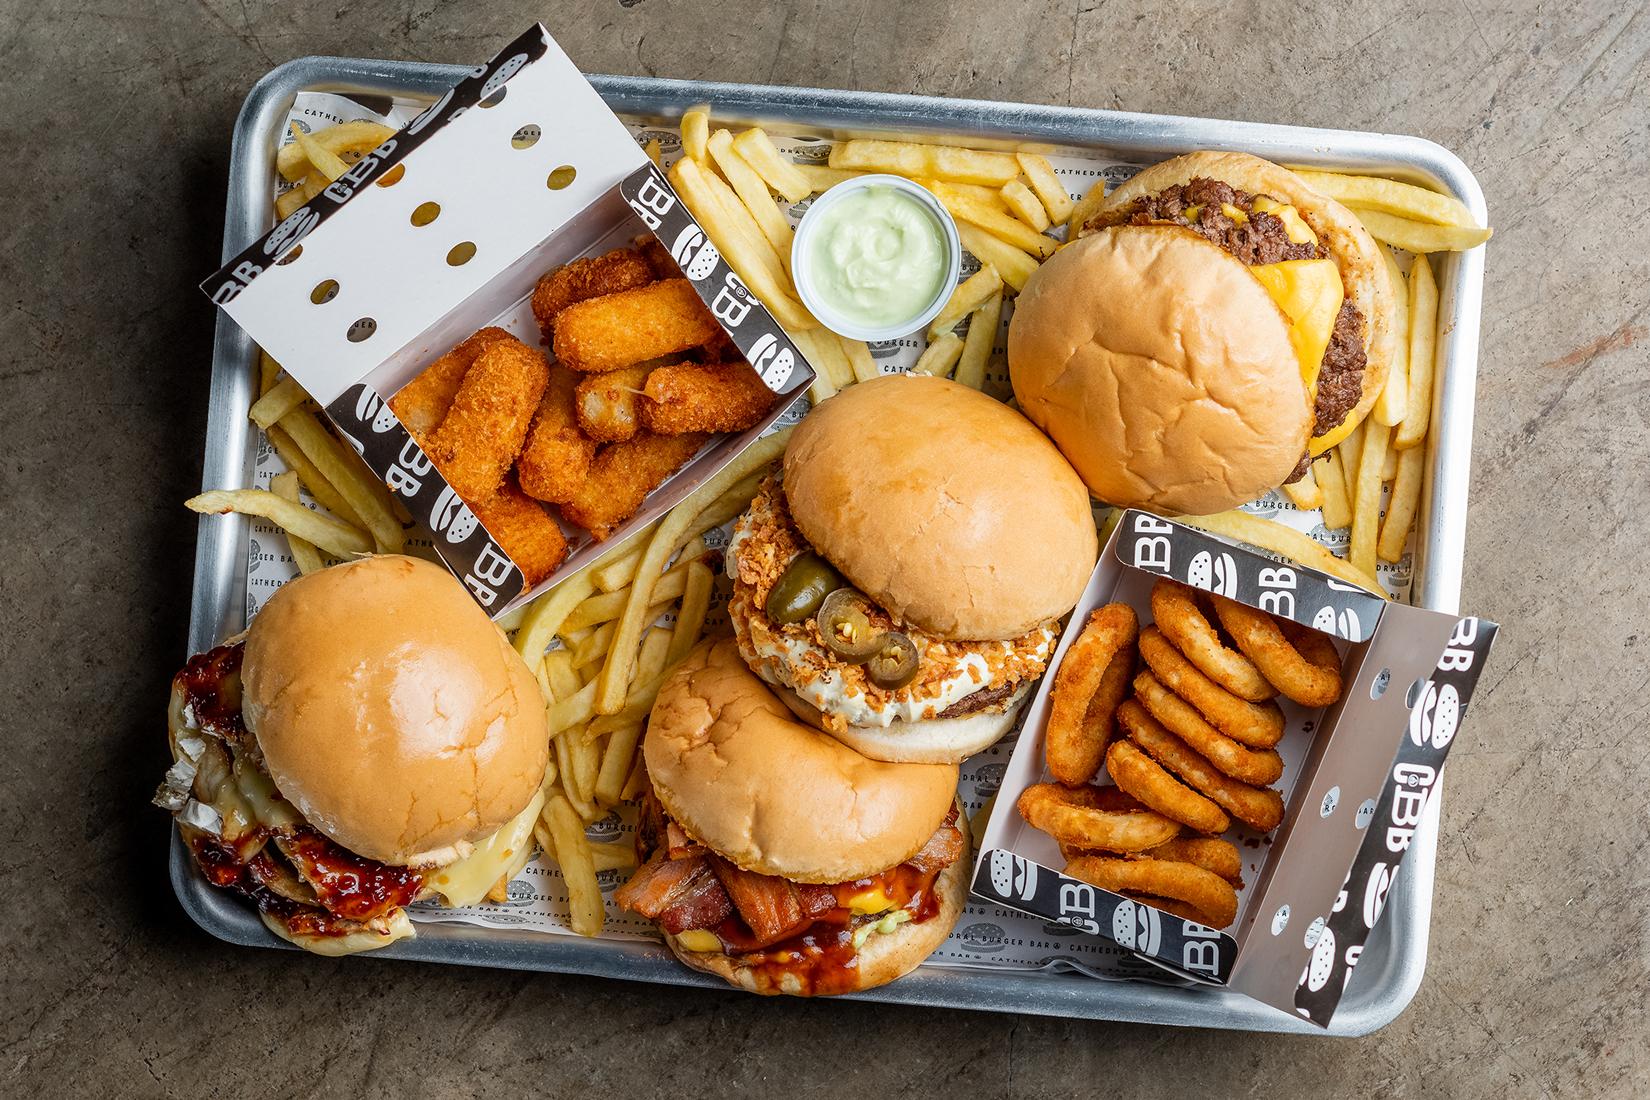 Cathedral Burger Bar